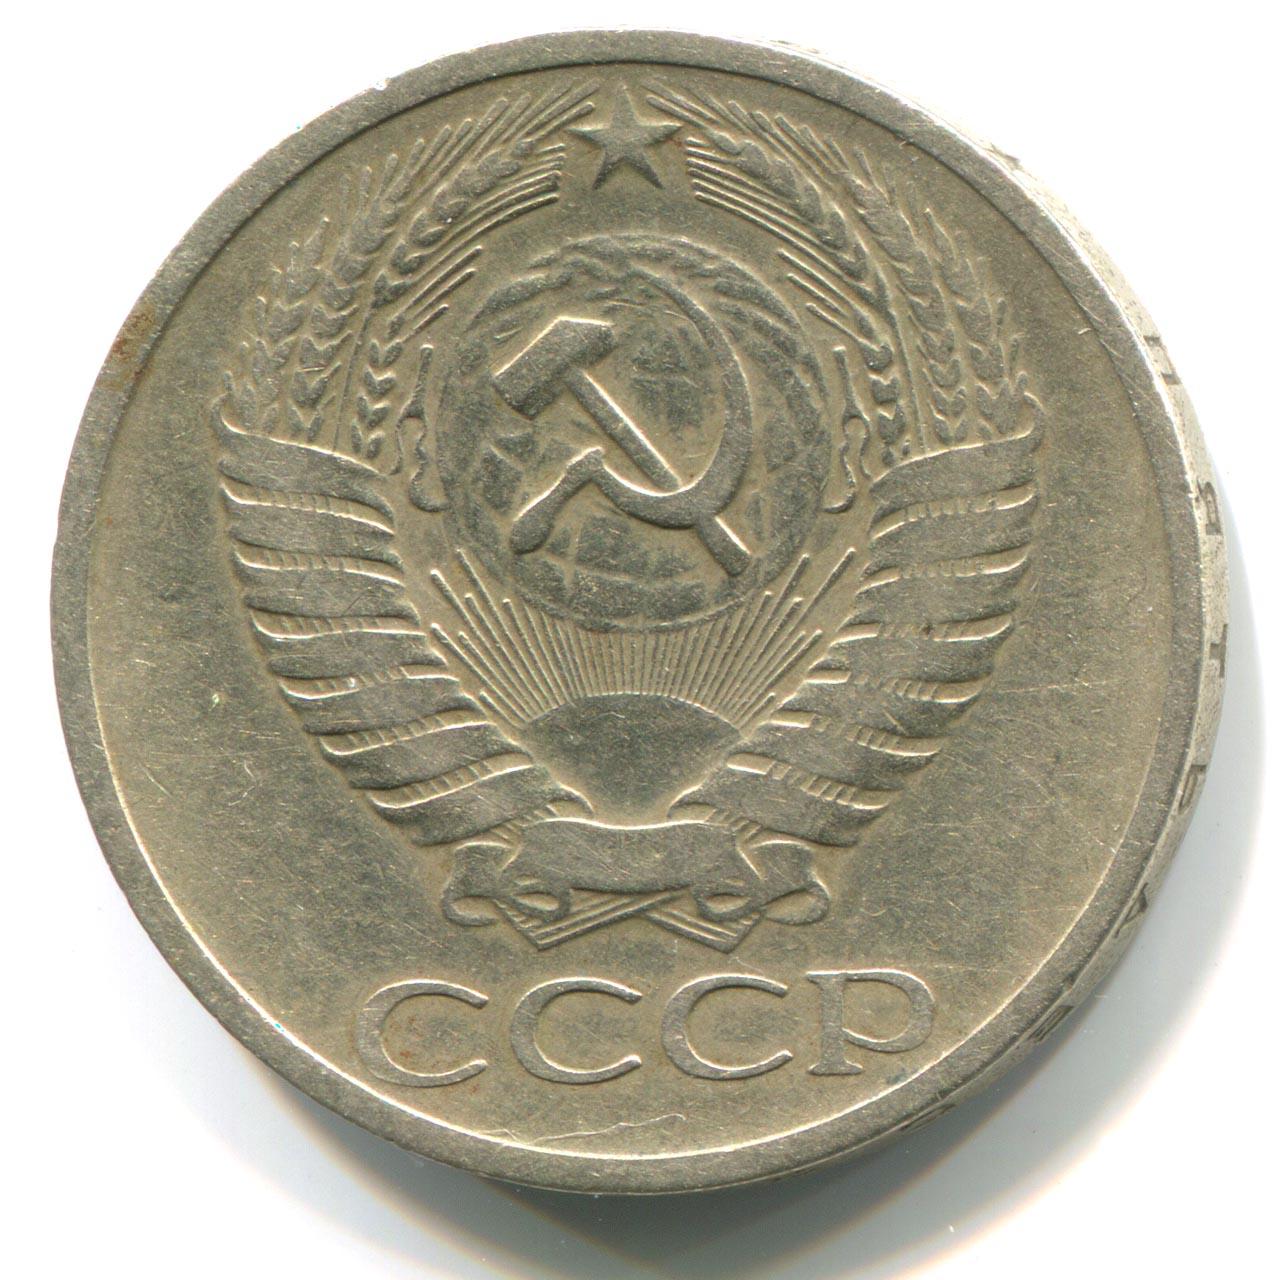 50 копеек 1968 года цена ссср купить монеты 10 рублей дешево